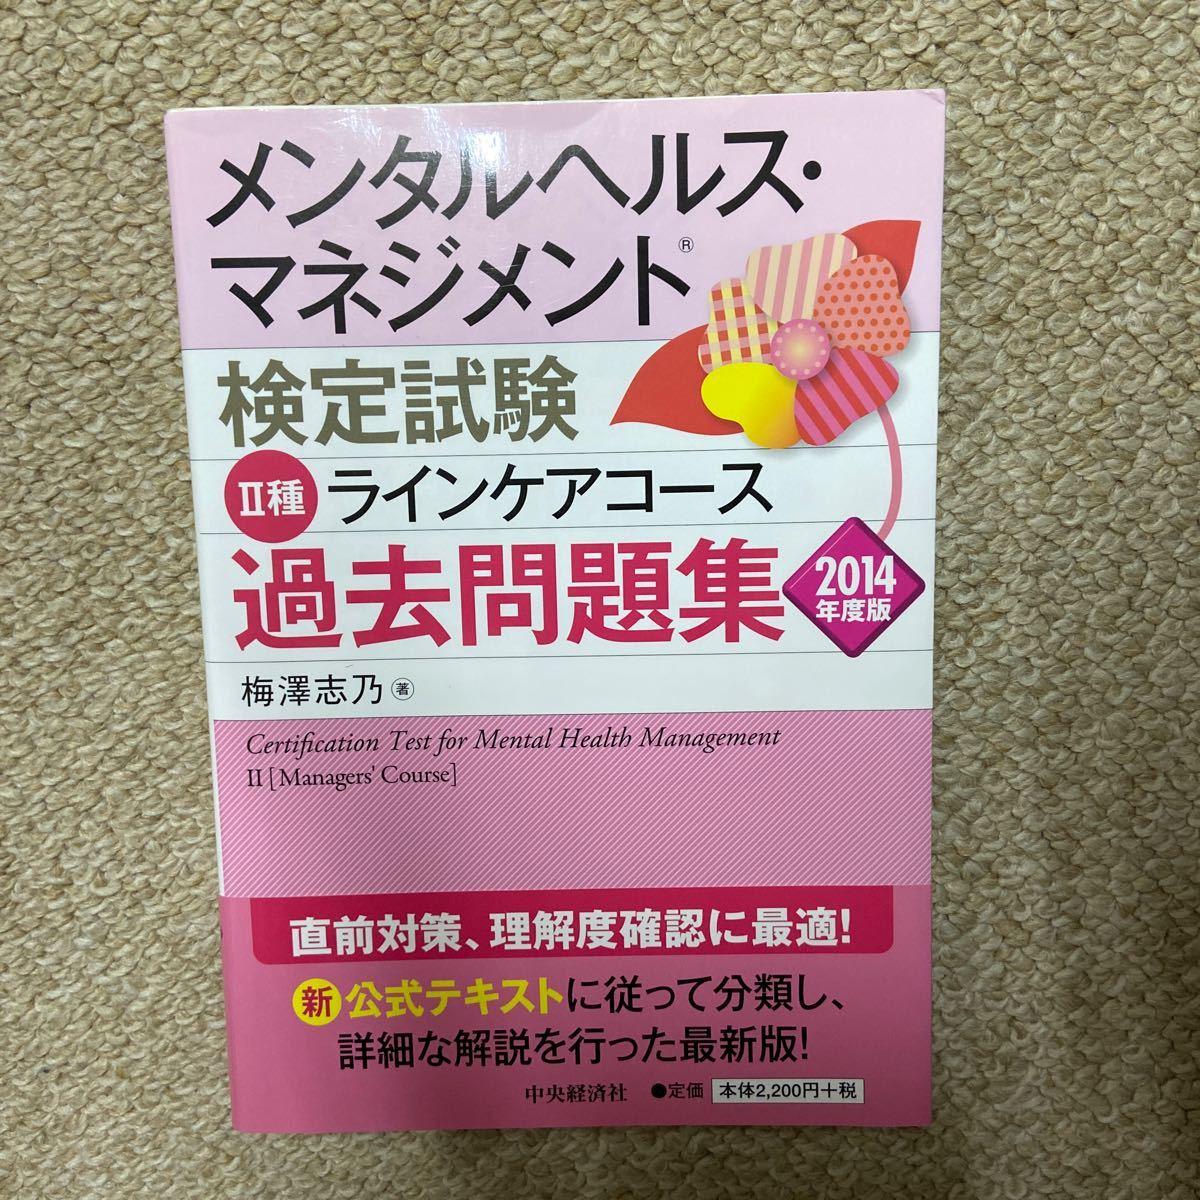 メンタルヘルスマネジメント検定試験 (2014年度版) II種 ラインケアコース 過去問題集/梅澤志乃 (著者)